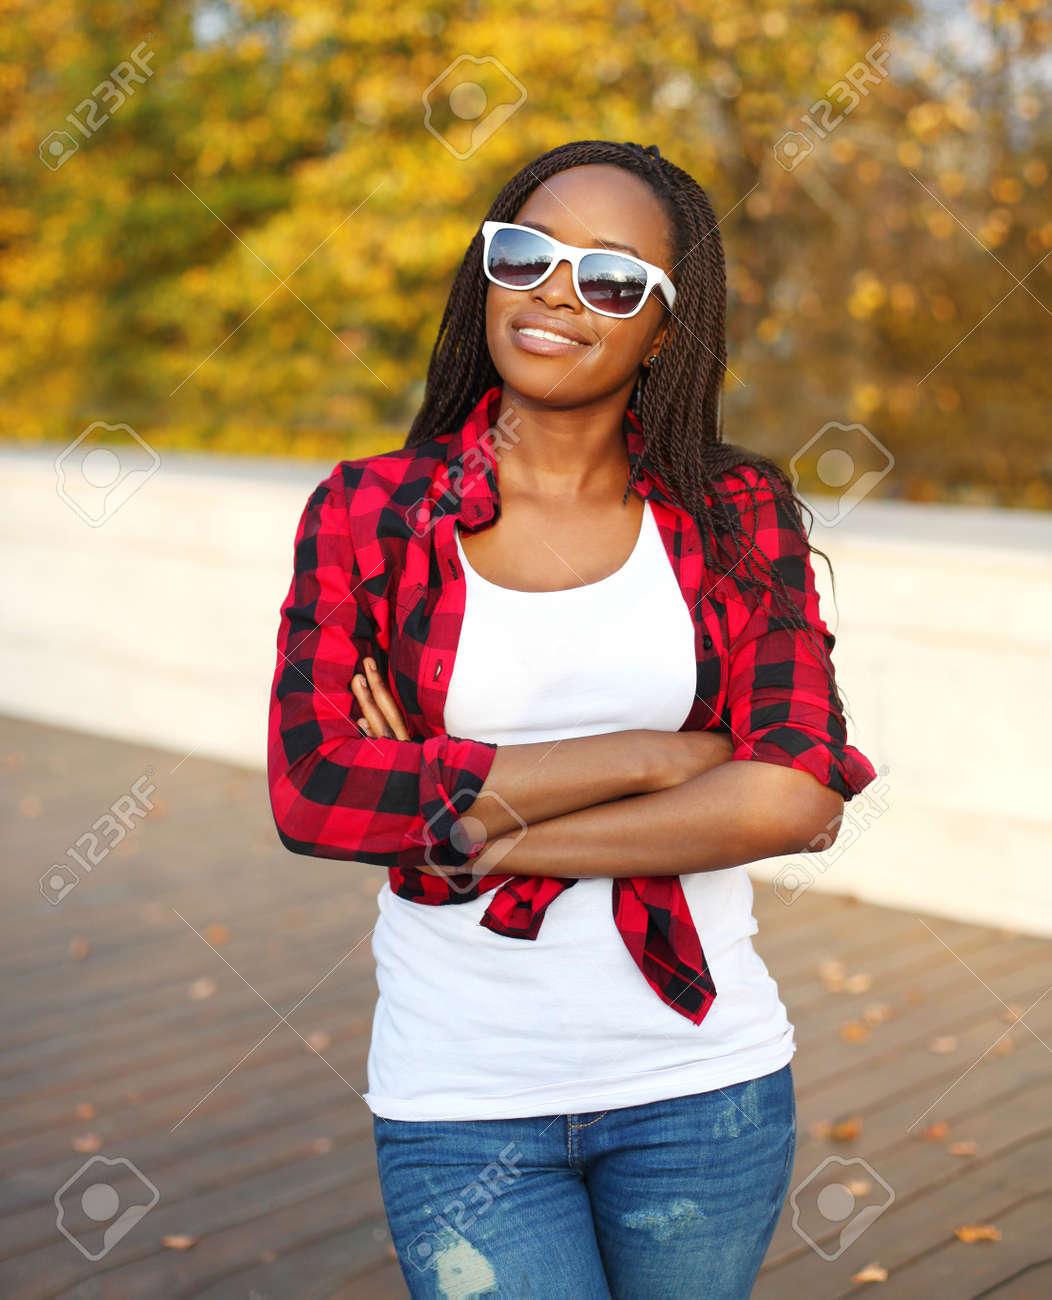 014fc96d2450 Banque d images - Portrait belle femme africaine souriant vêtu d un  lunettes de soleil, chemise à carreaux rouge journée d automne ensoleillée